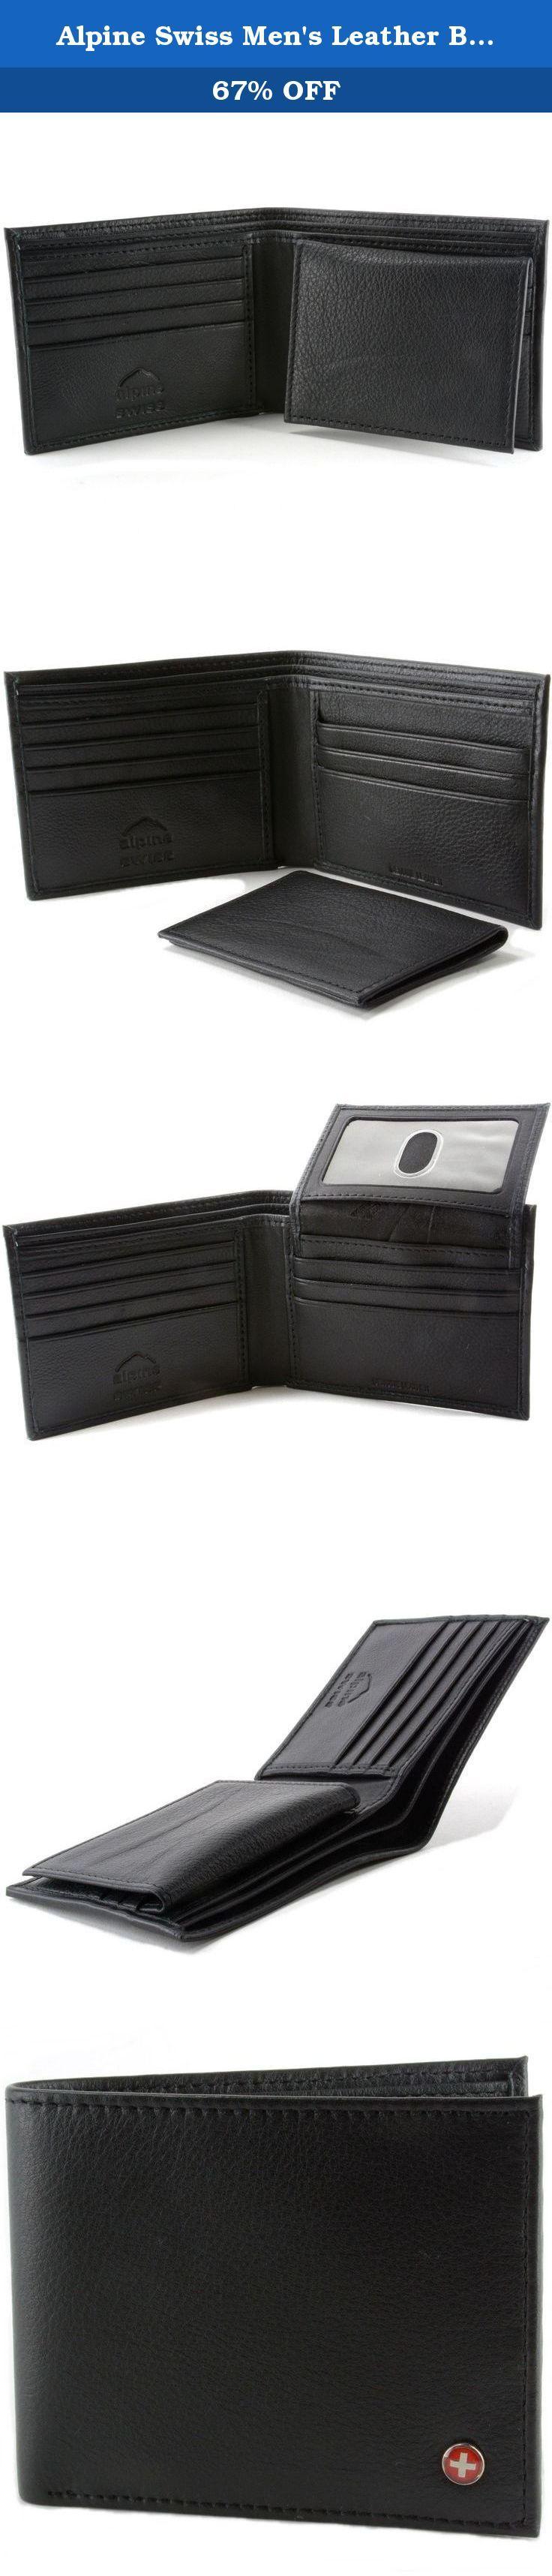 Alpine Swiss Men's Leather Bifold Wallet Removable Flip Up ID Window Black Wide. Alpine Swiss Men's Leather Bifold Wallet Removable Flip Up ID Window Black Wide.